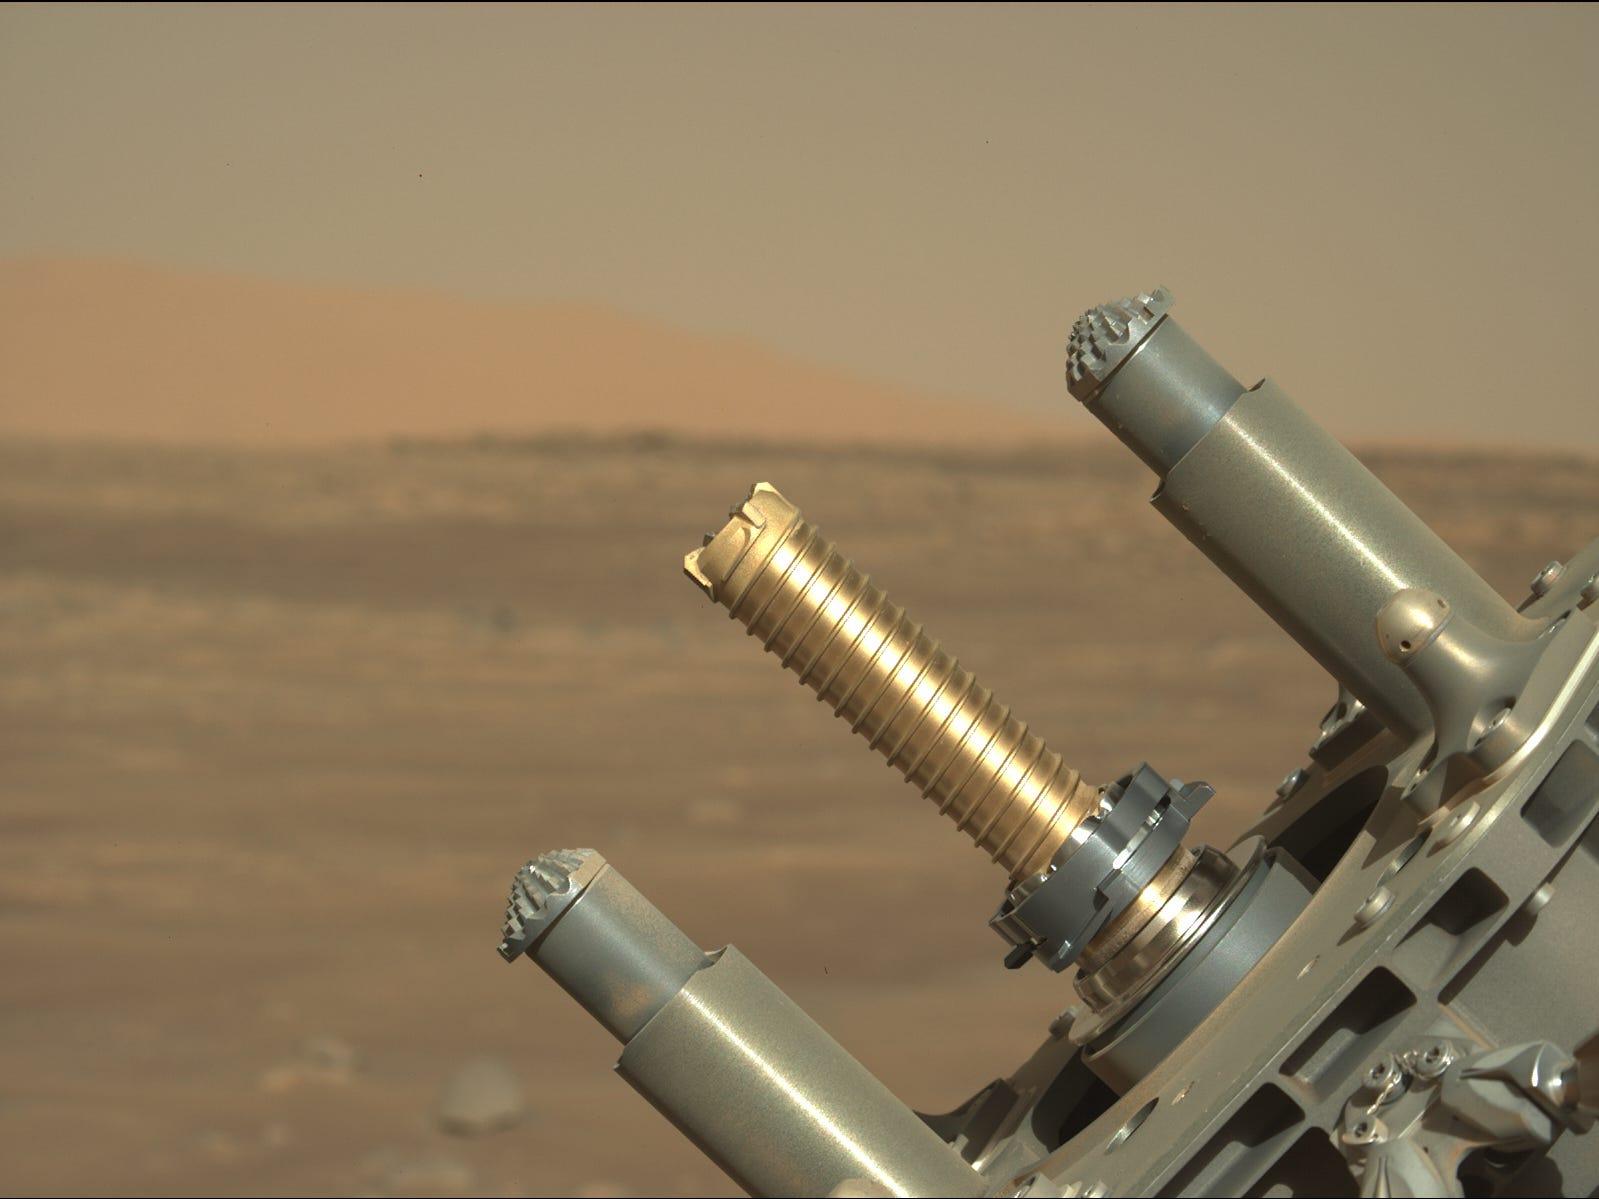 il braccio robotico del rover perseveranza sostiene il tubo d'oro per i campioni di carotaggio sullo sfondo delle pianure di Marte